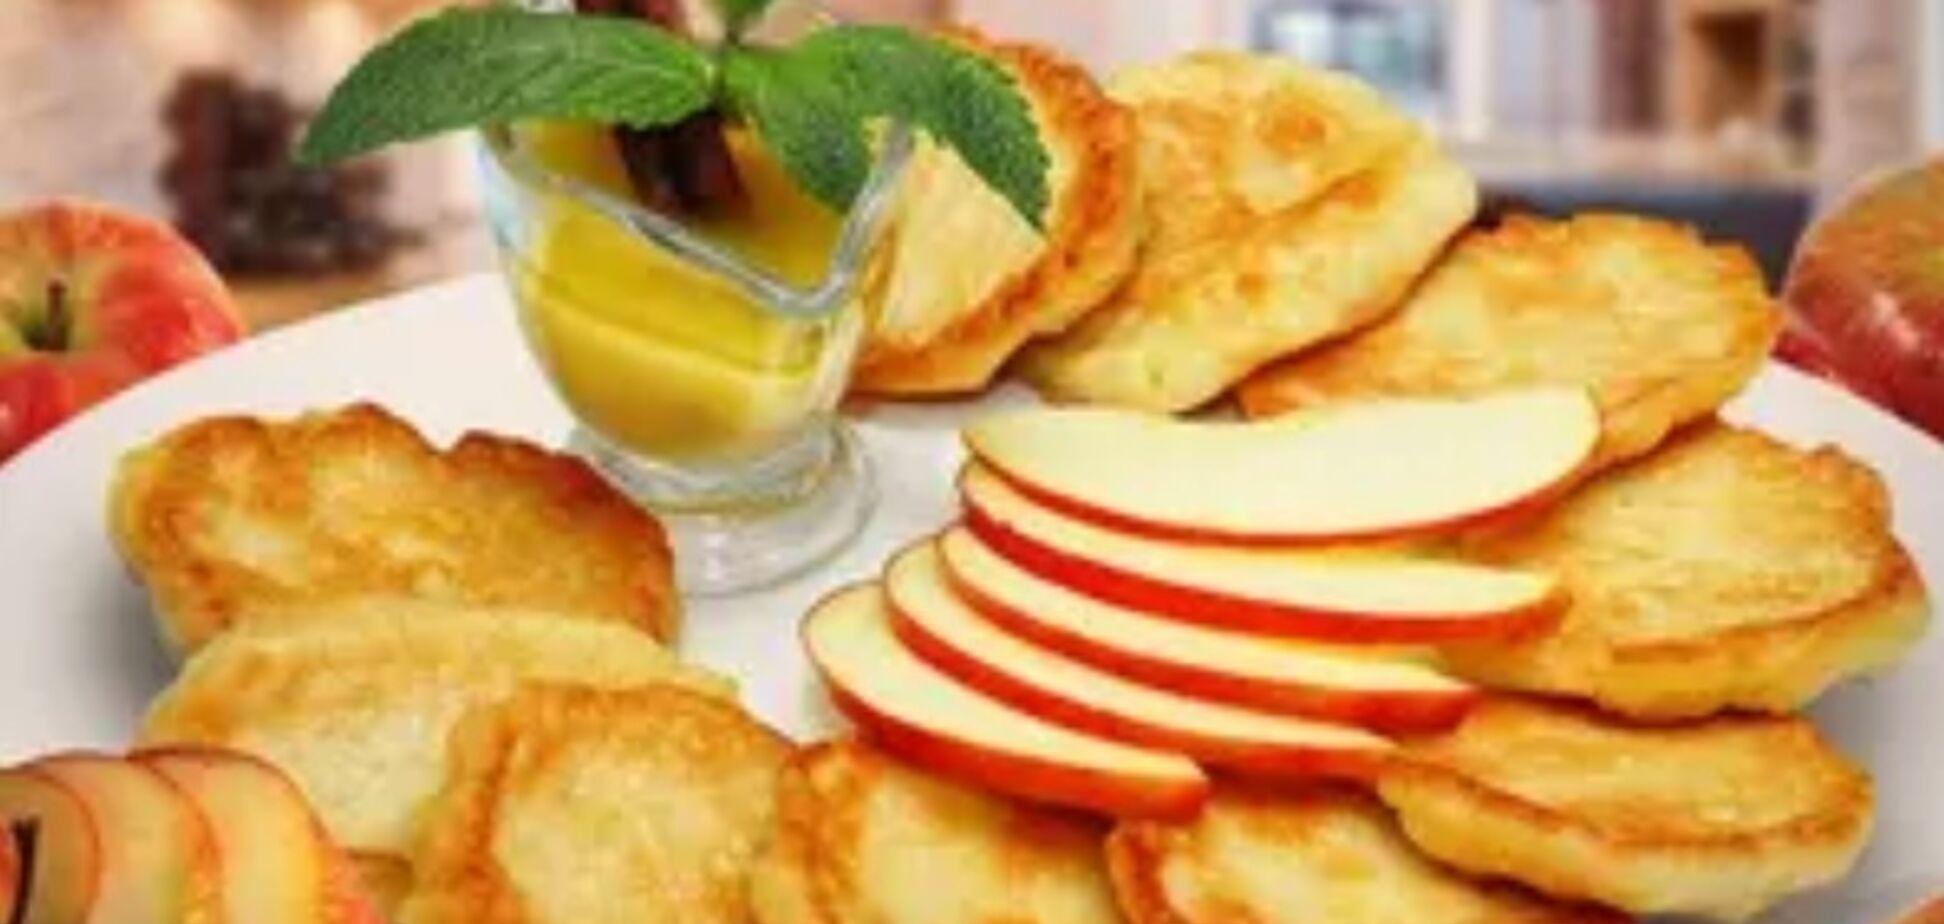 Рецепт незрівнянних оладок з яблуками